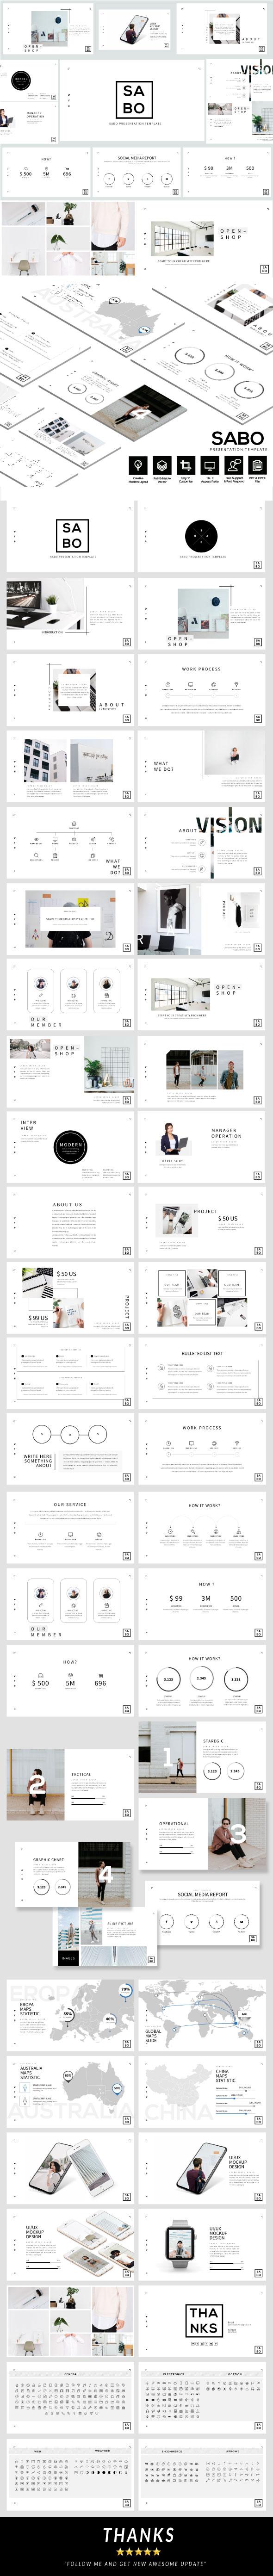 Sabo - Business Google Slide Template - Google Slides Presentation Templates